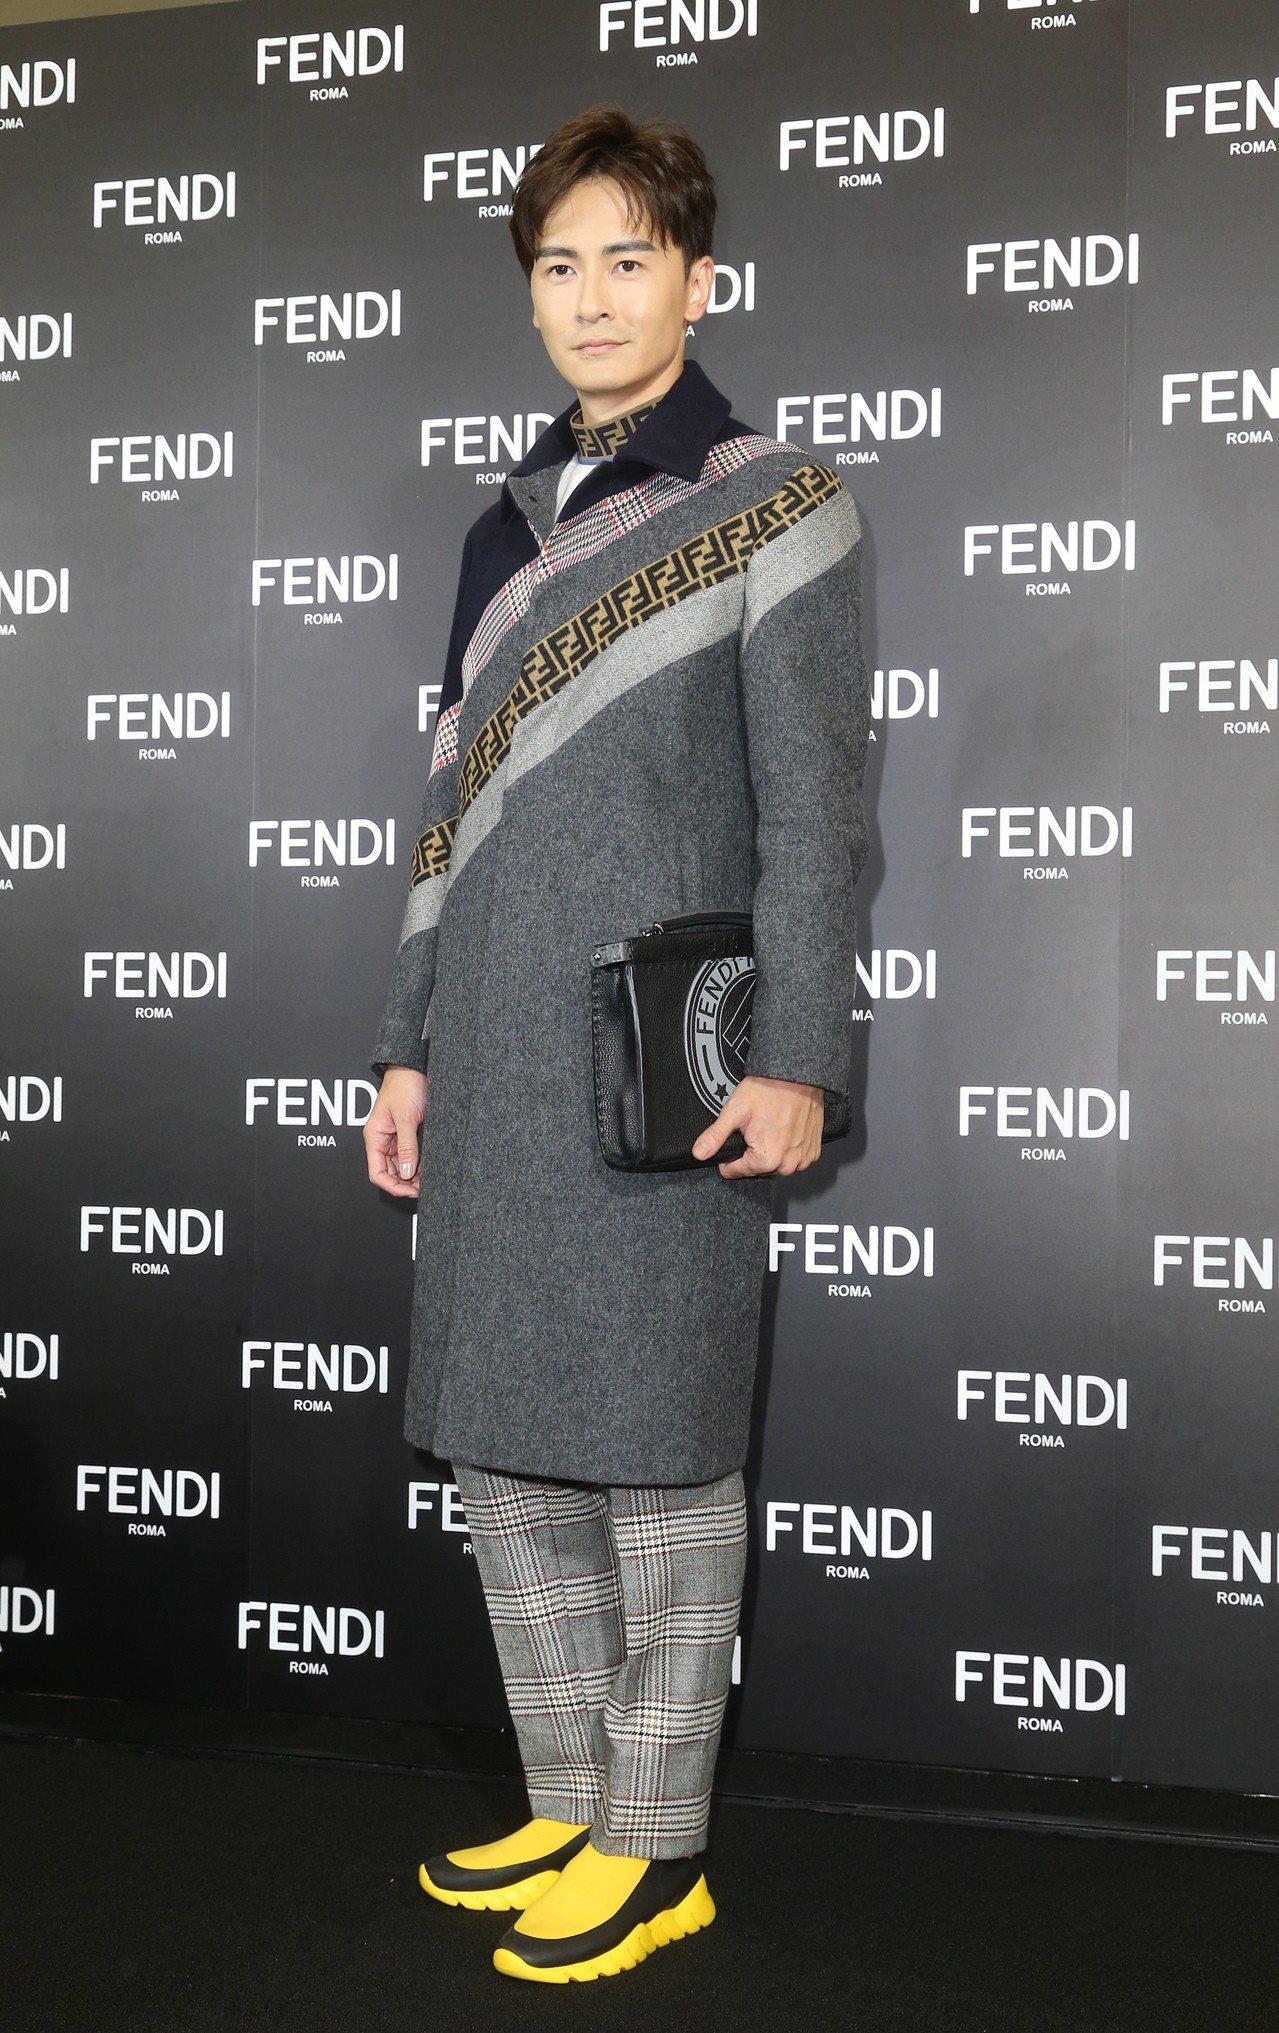 鄭元暢穿冬季大衣出席FENDI全新台北101旗艦店開幕酒會。記者陳立凱/攝影